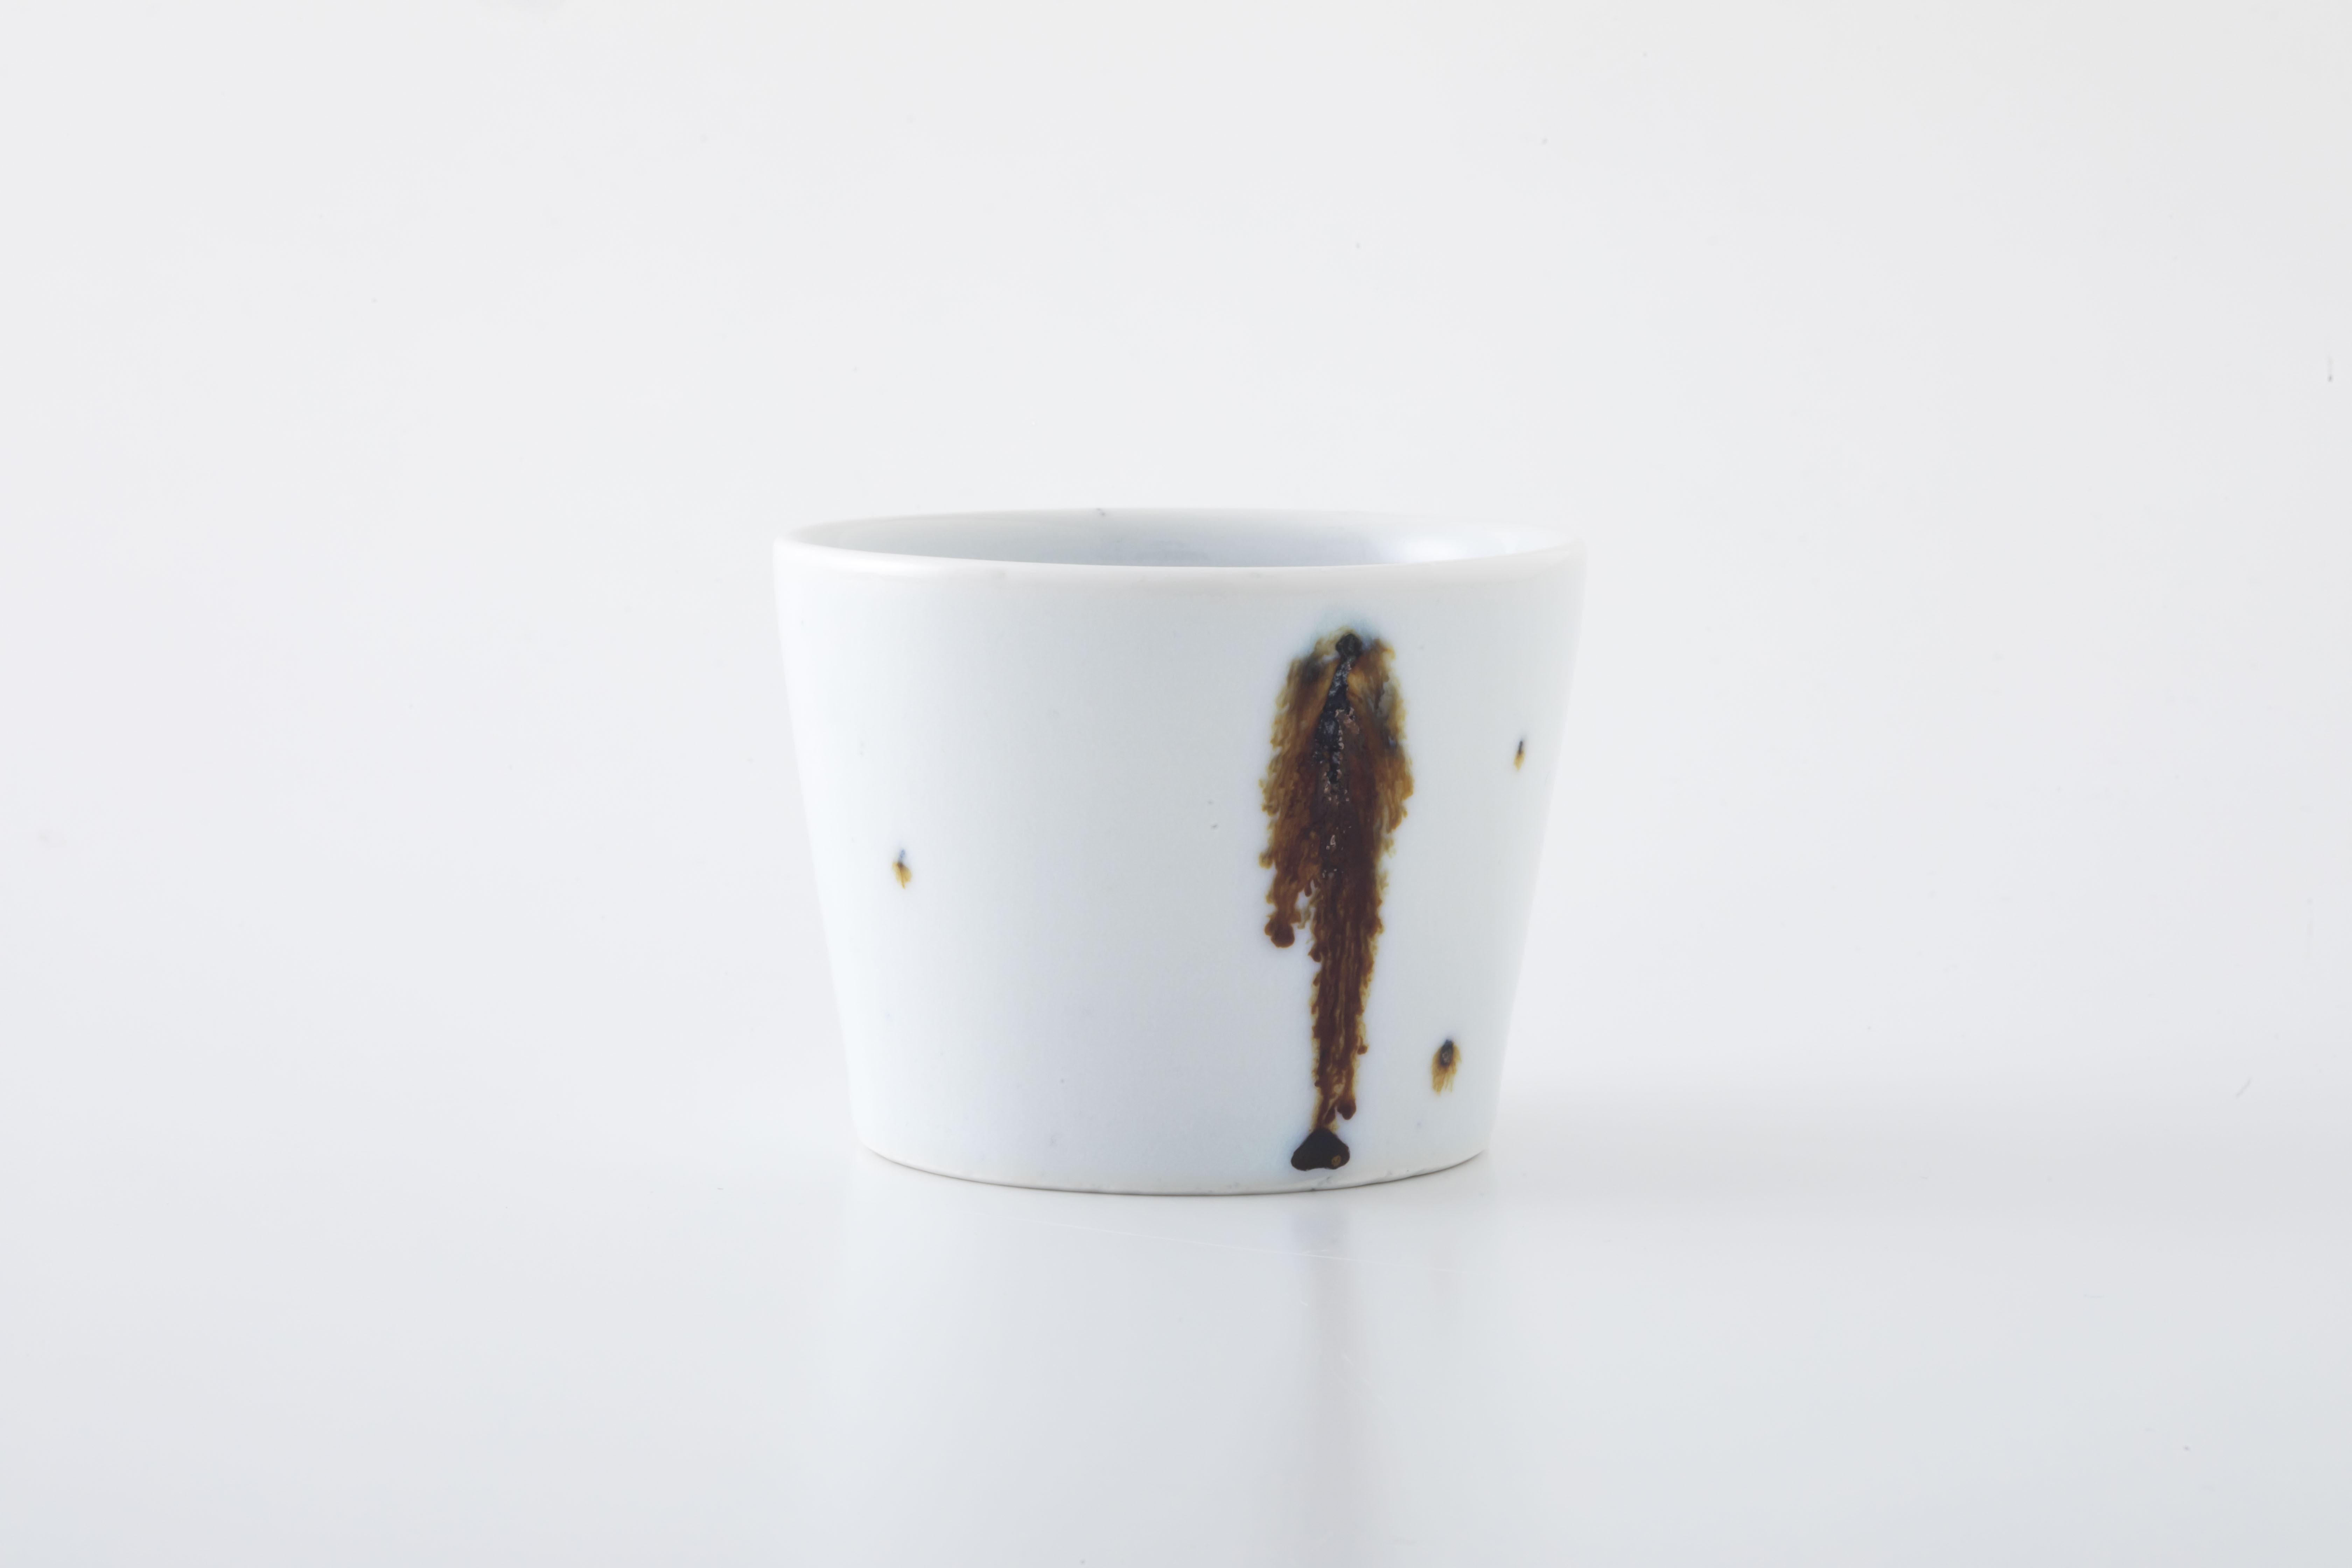 フリーカップ:02 / 人見 和樹